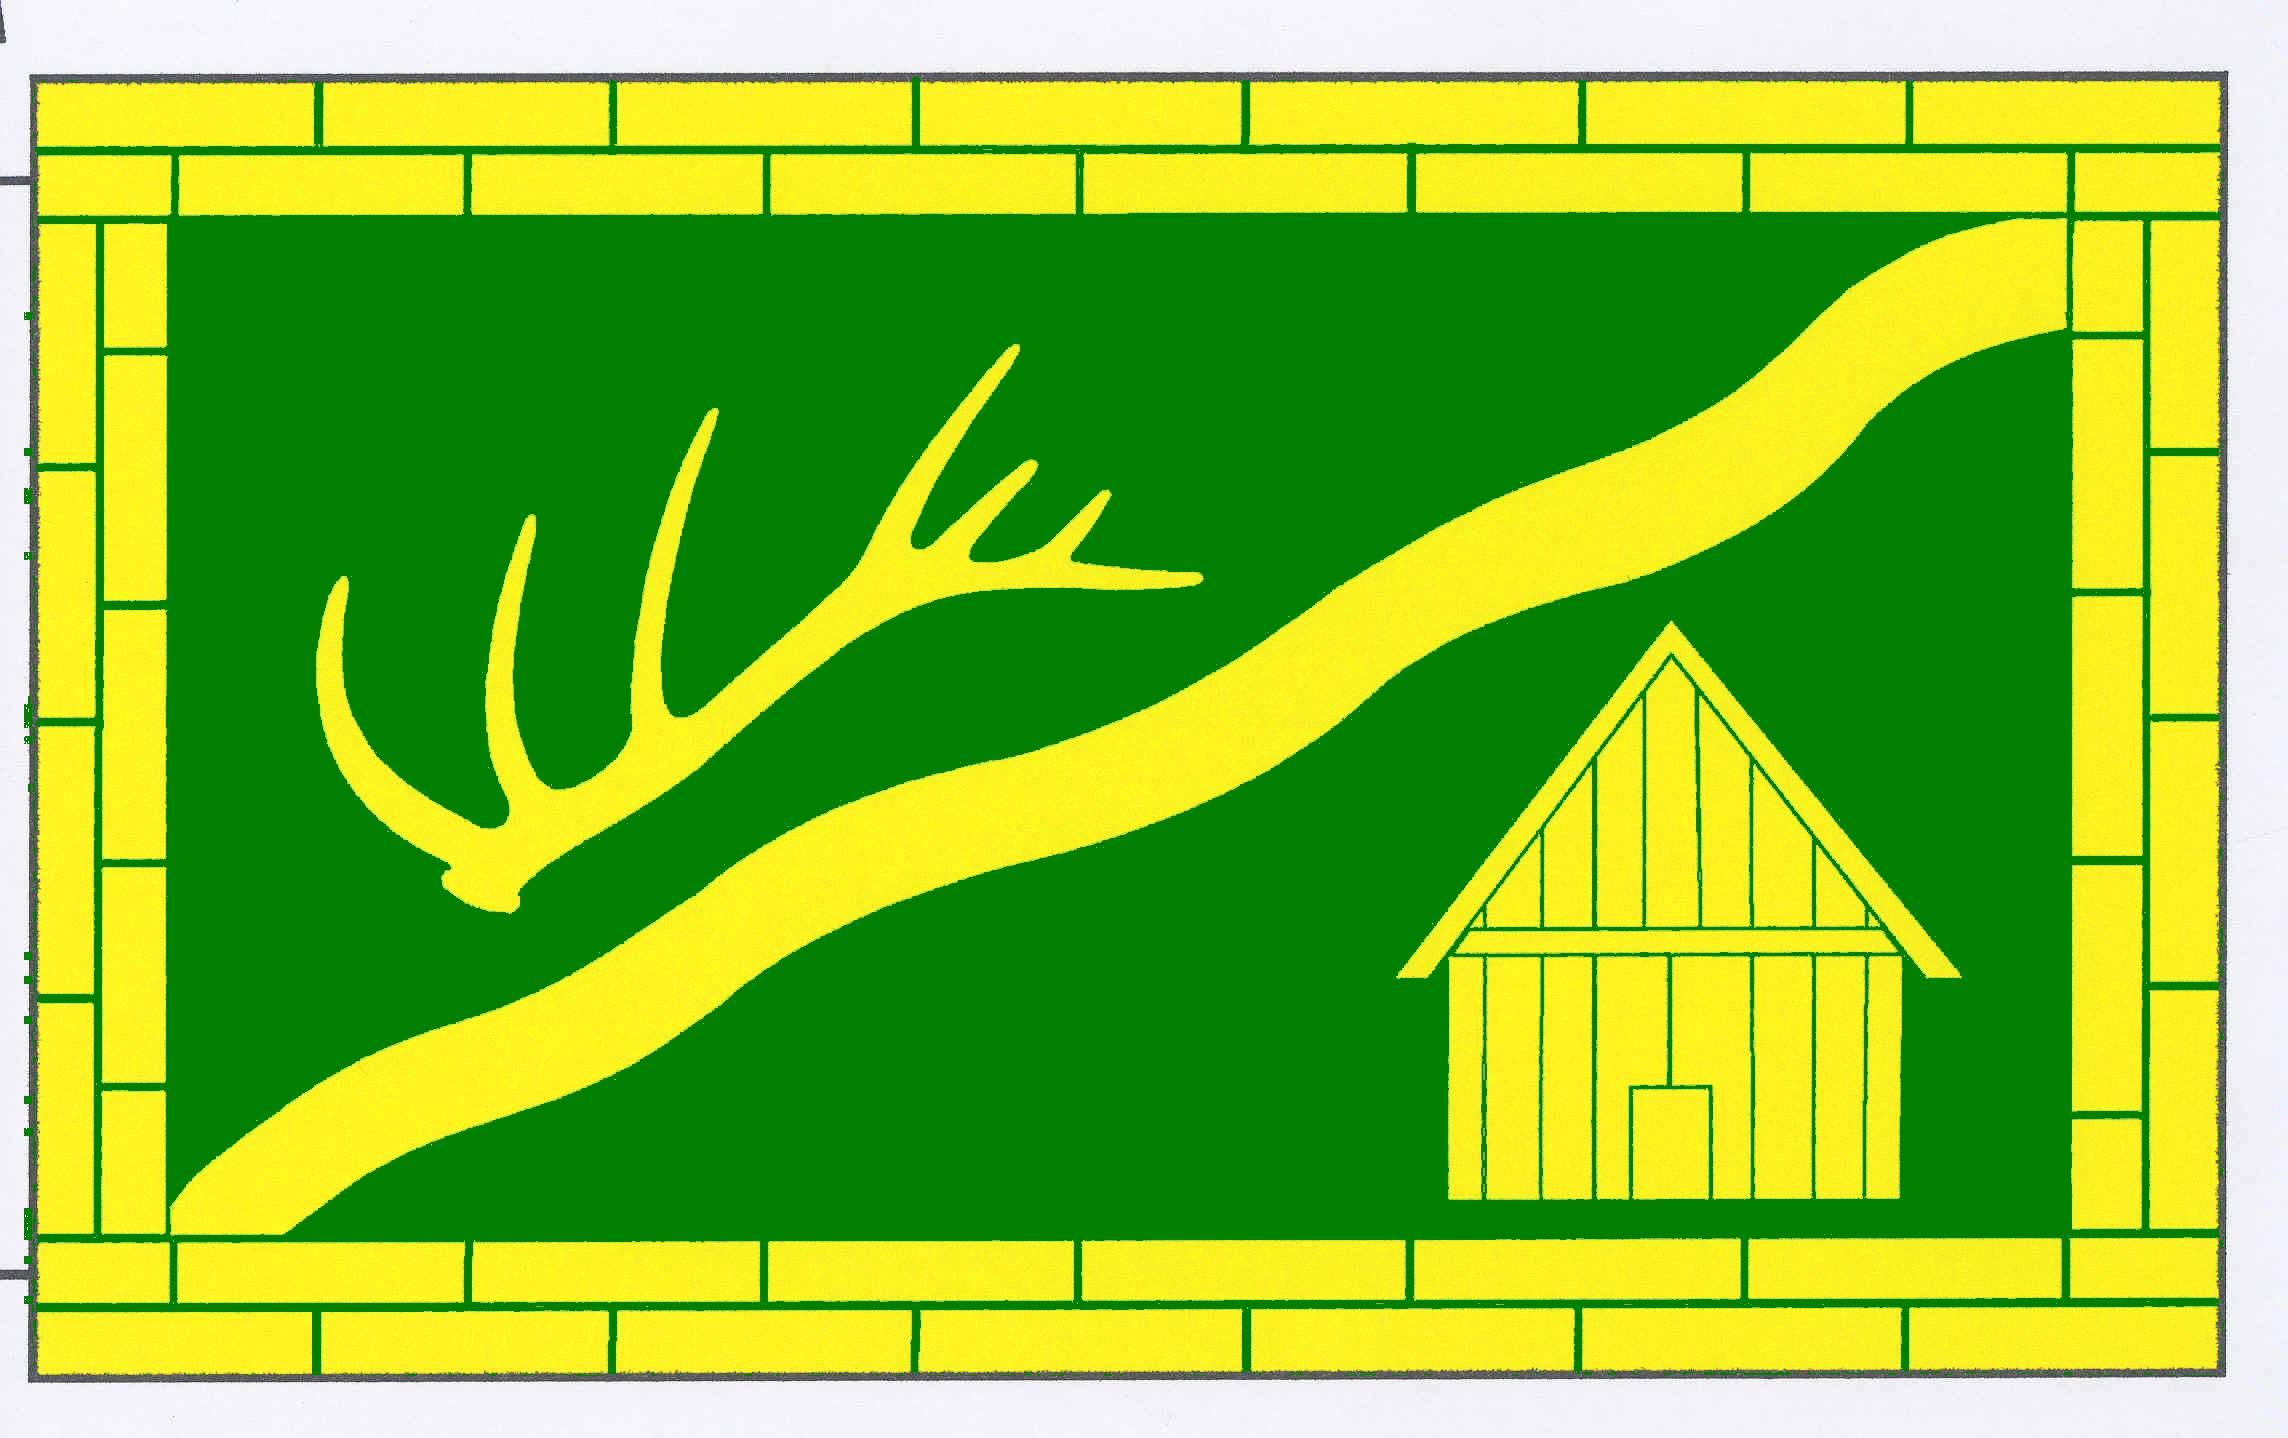 Flagge GemeindeOldenhütten, Kreis Rendsburg-Eckernförde